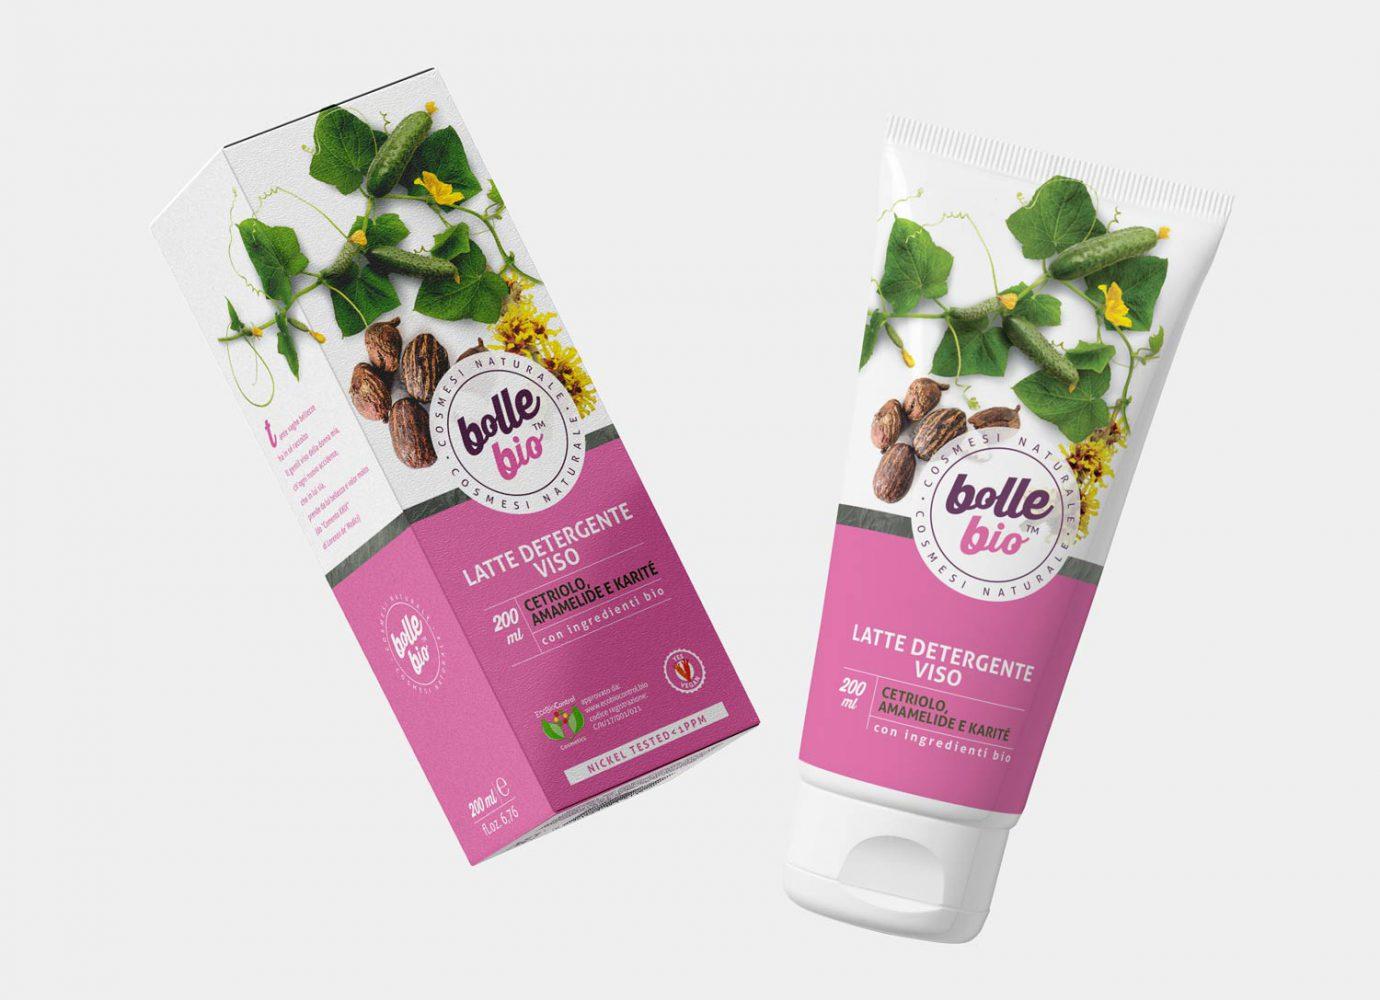 Packaging design di tubo e scatola latte detergente viso cosmesi naturale per millennial realizzato da WillBe